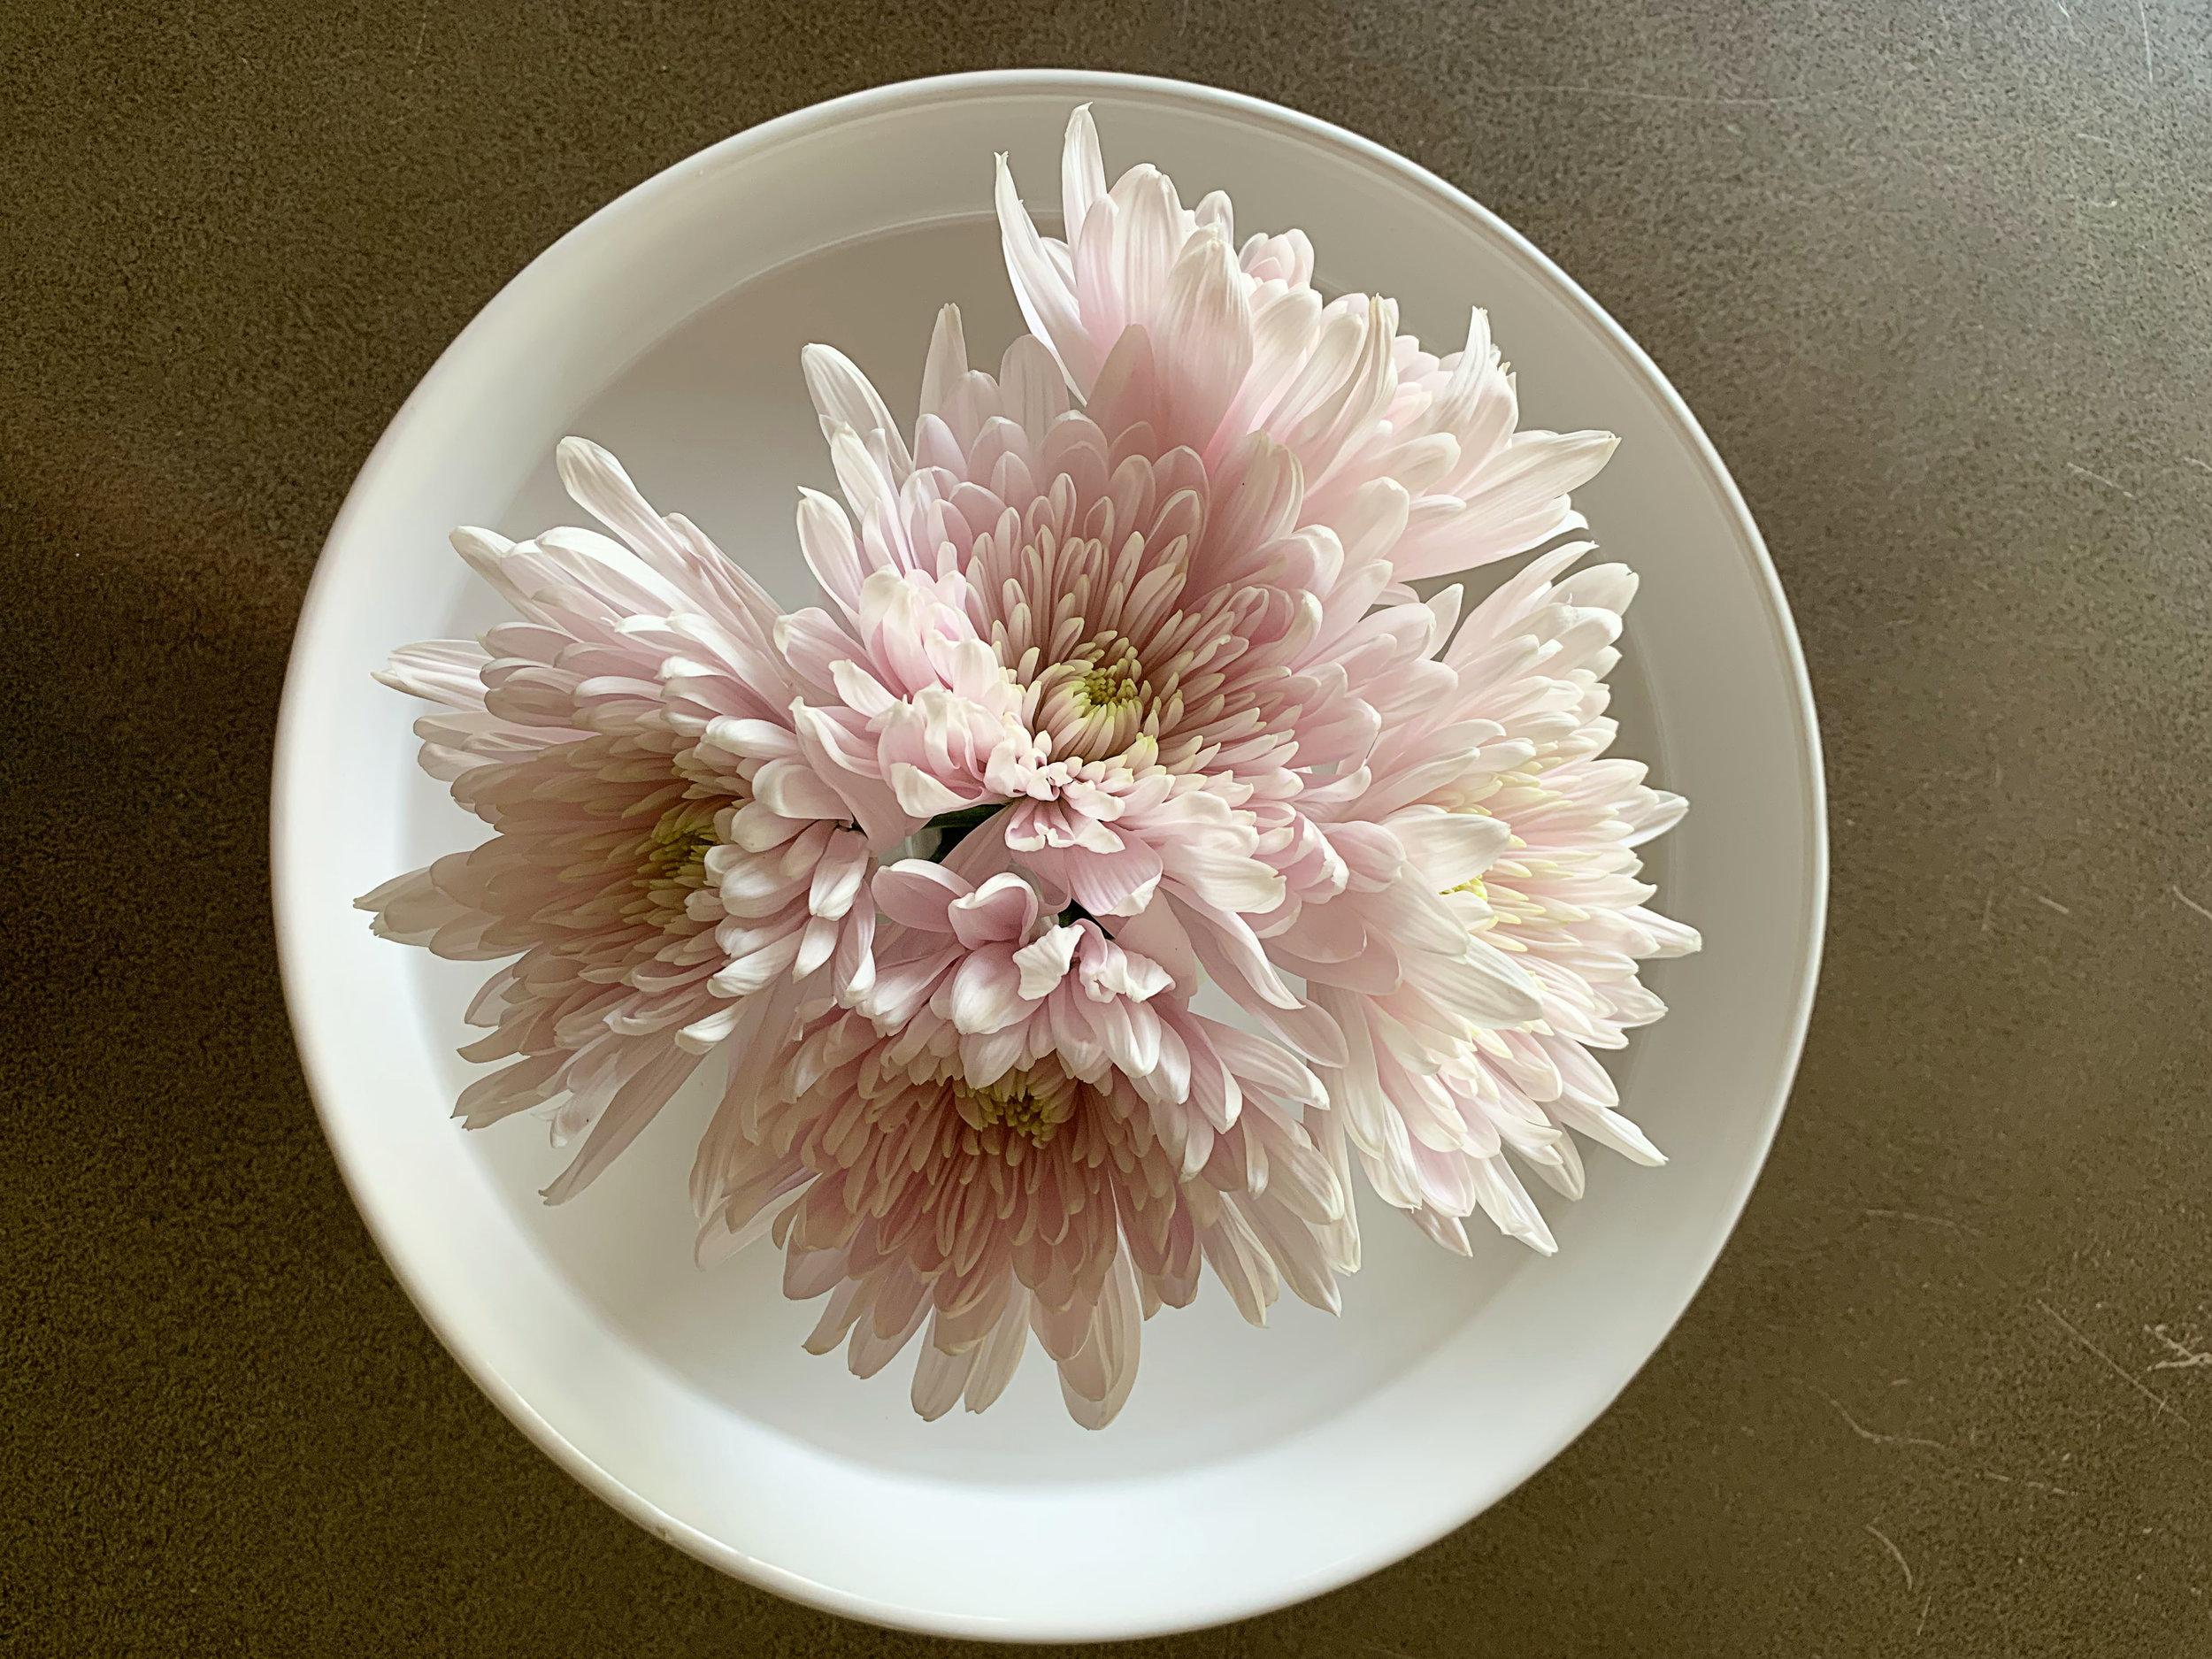 2019 07 24 Flowers 01.jpg